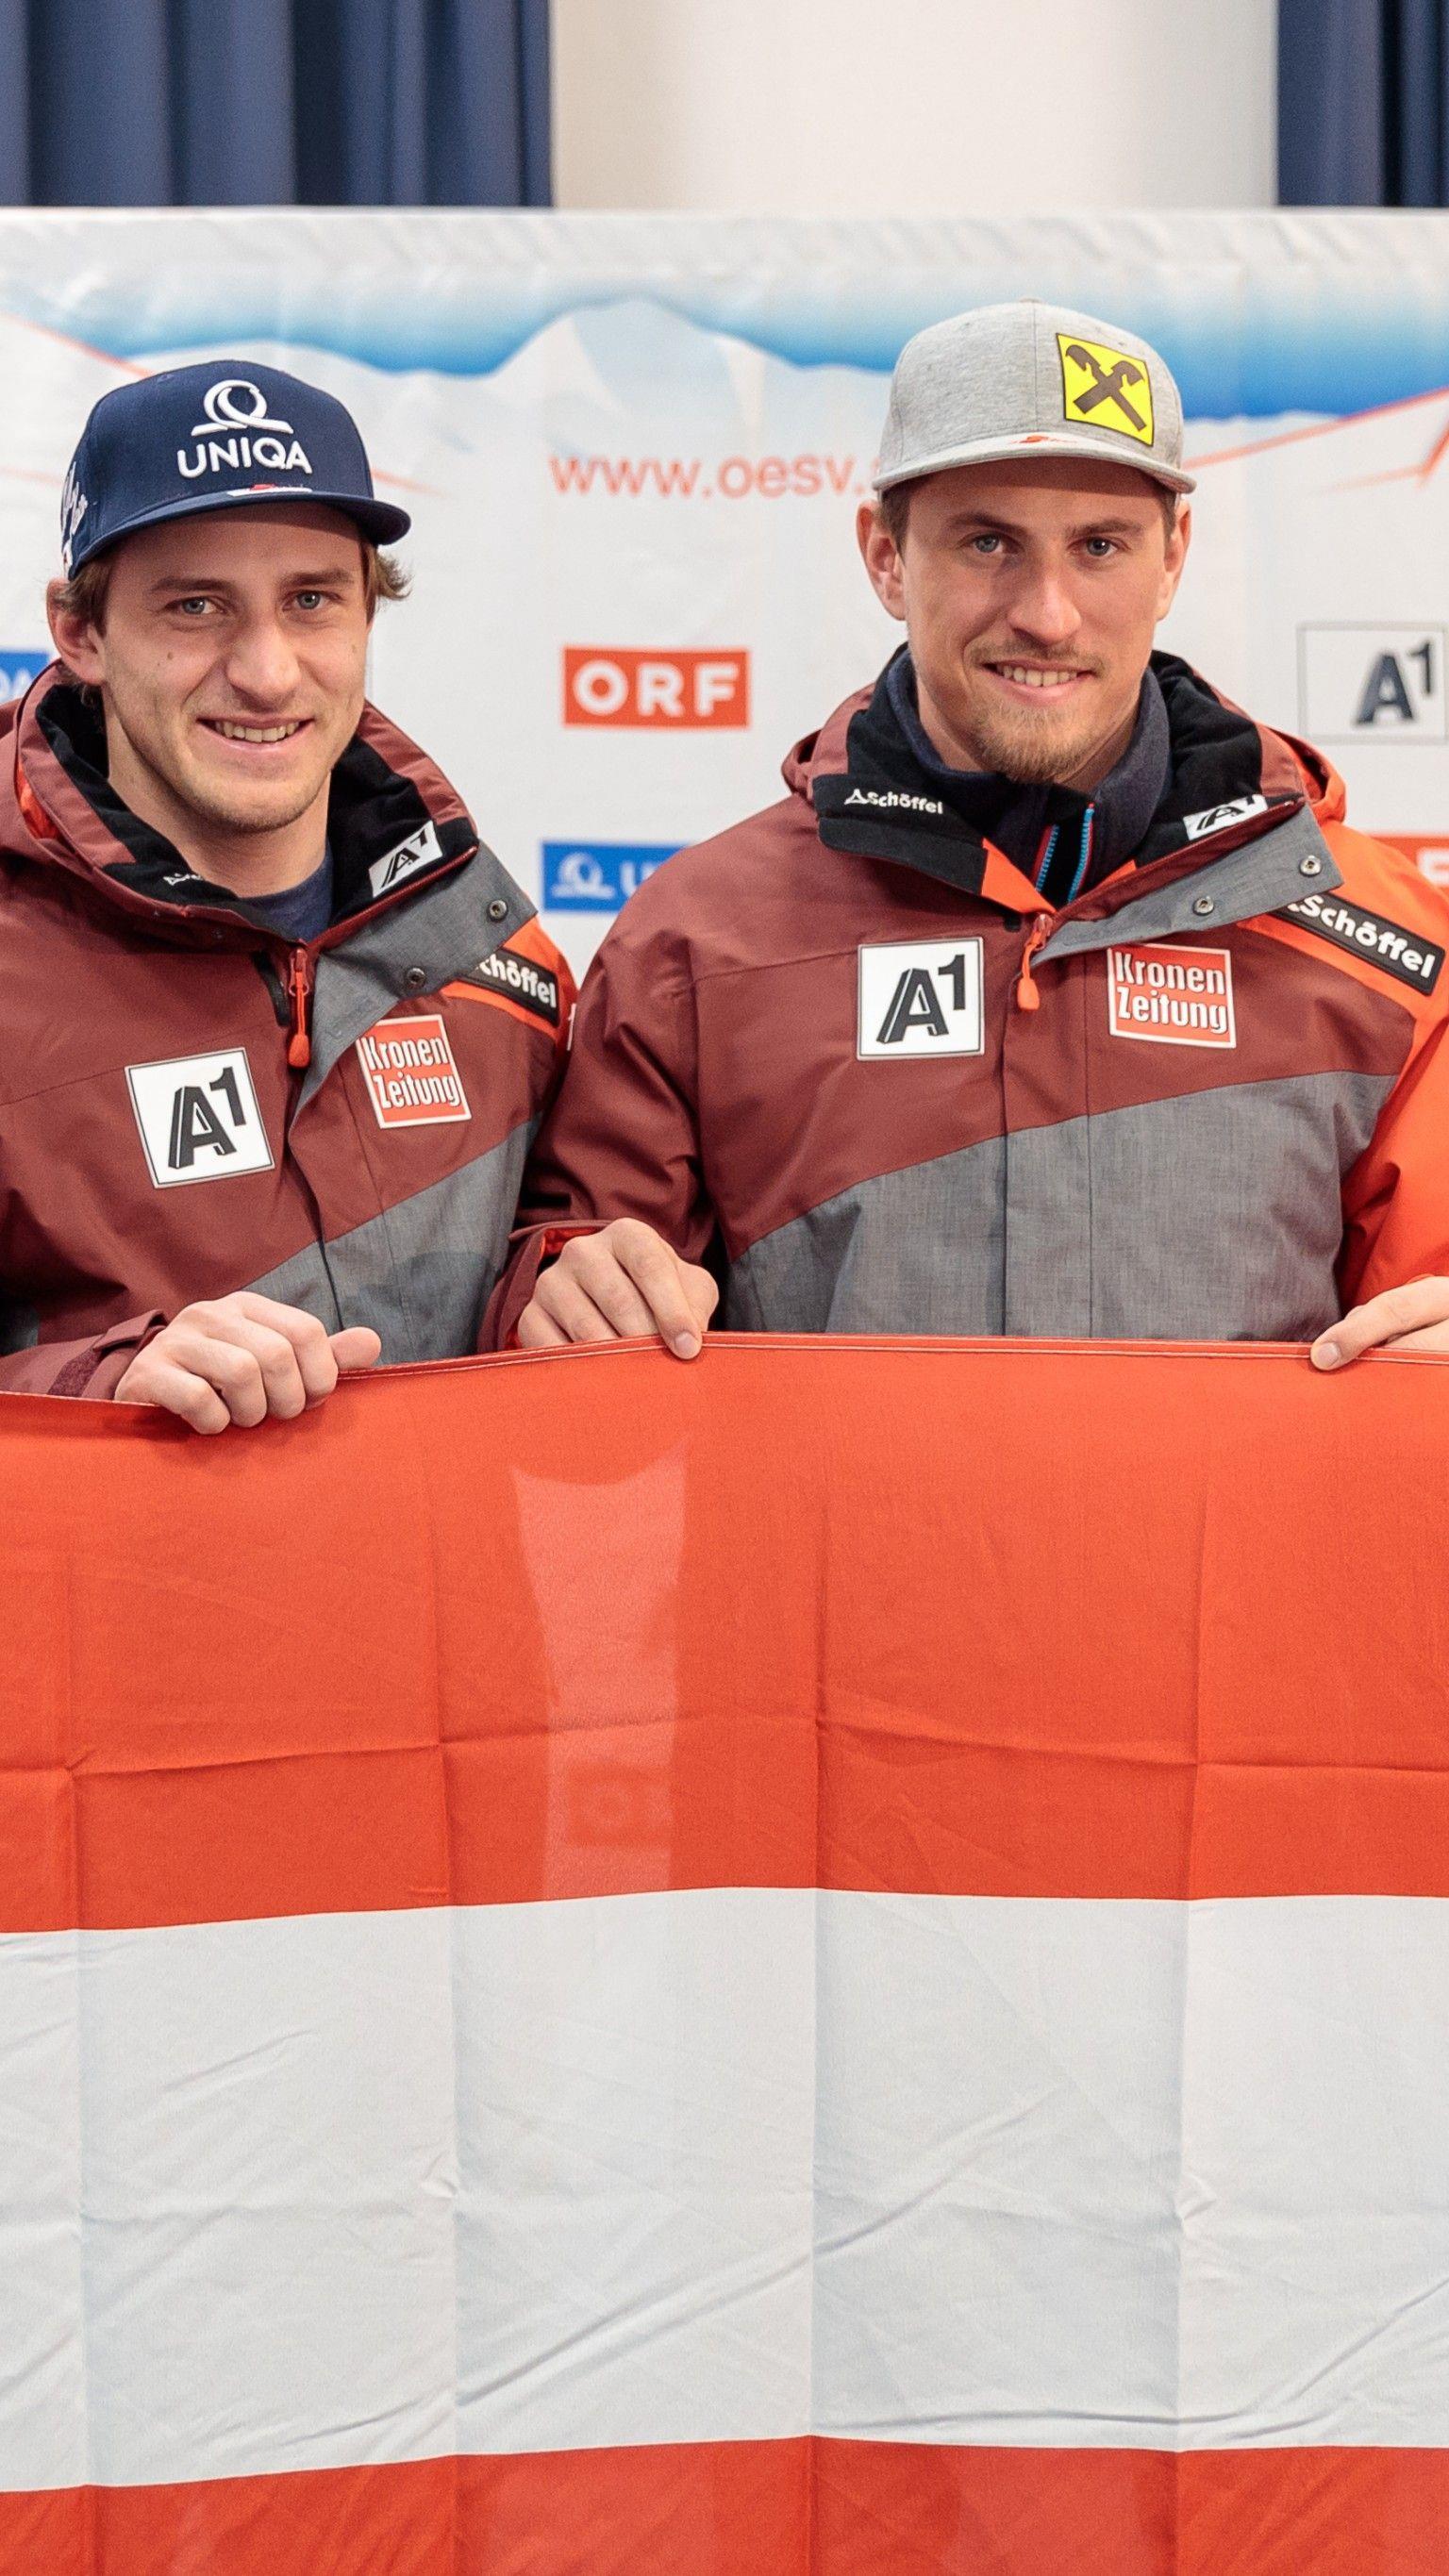 Österreich hofft auf die erste Herren-Medaille bei dieser WM.